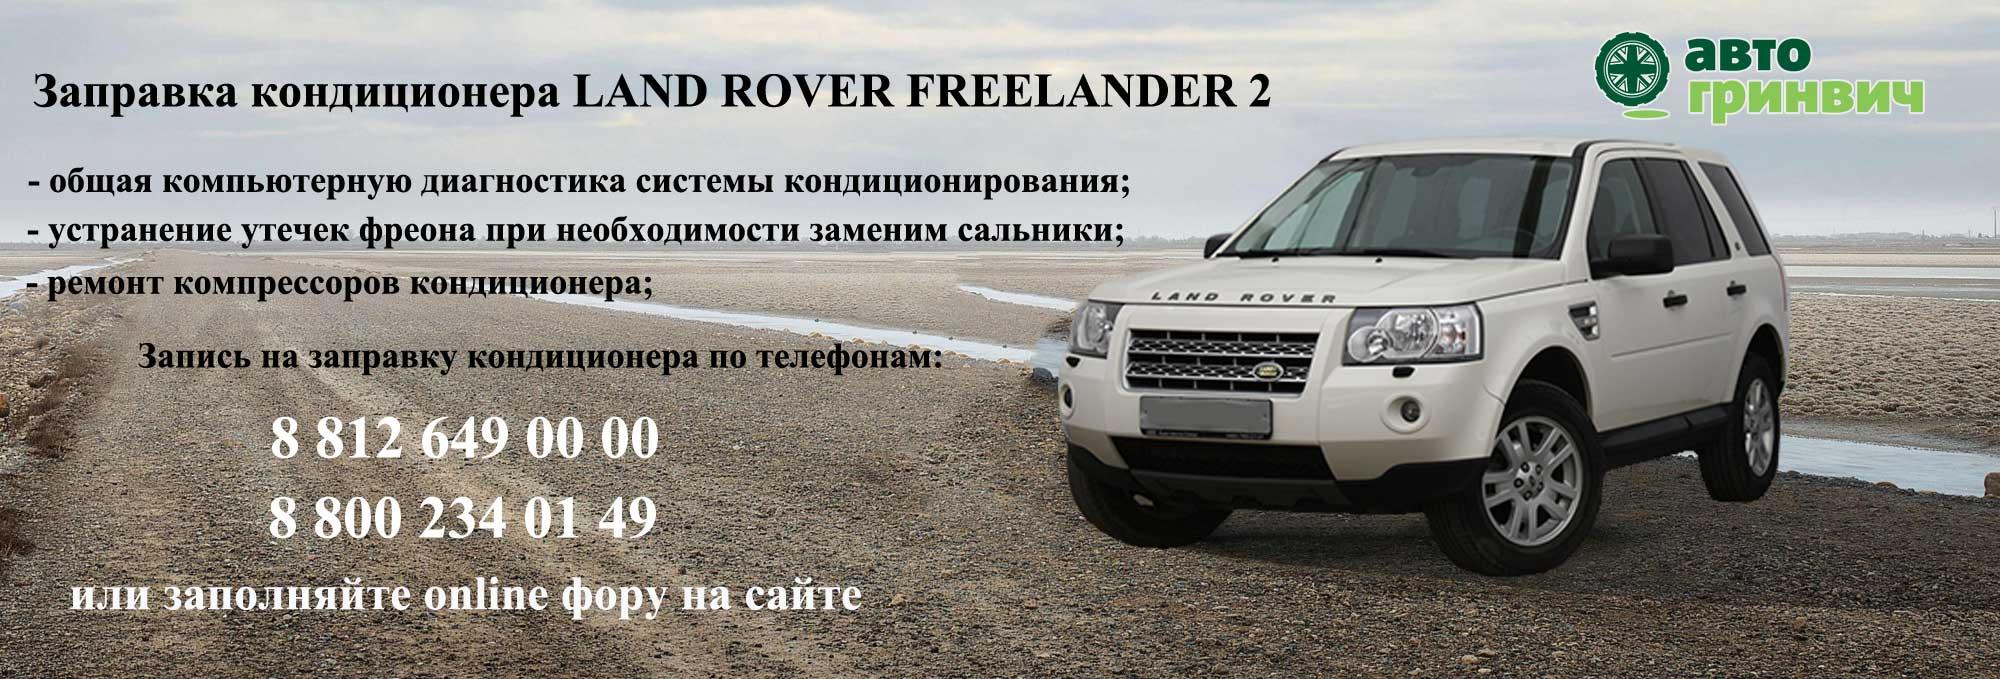 Заправка кондеров FREELANDER 2